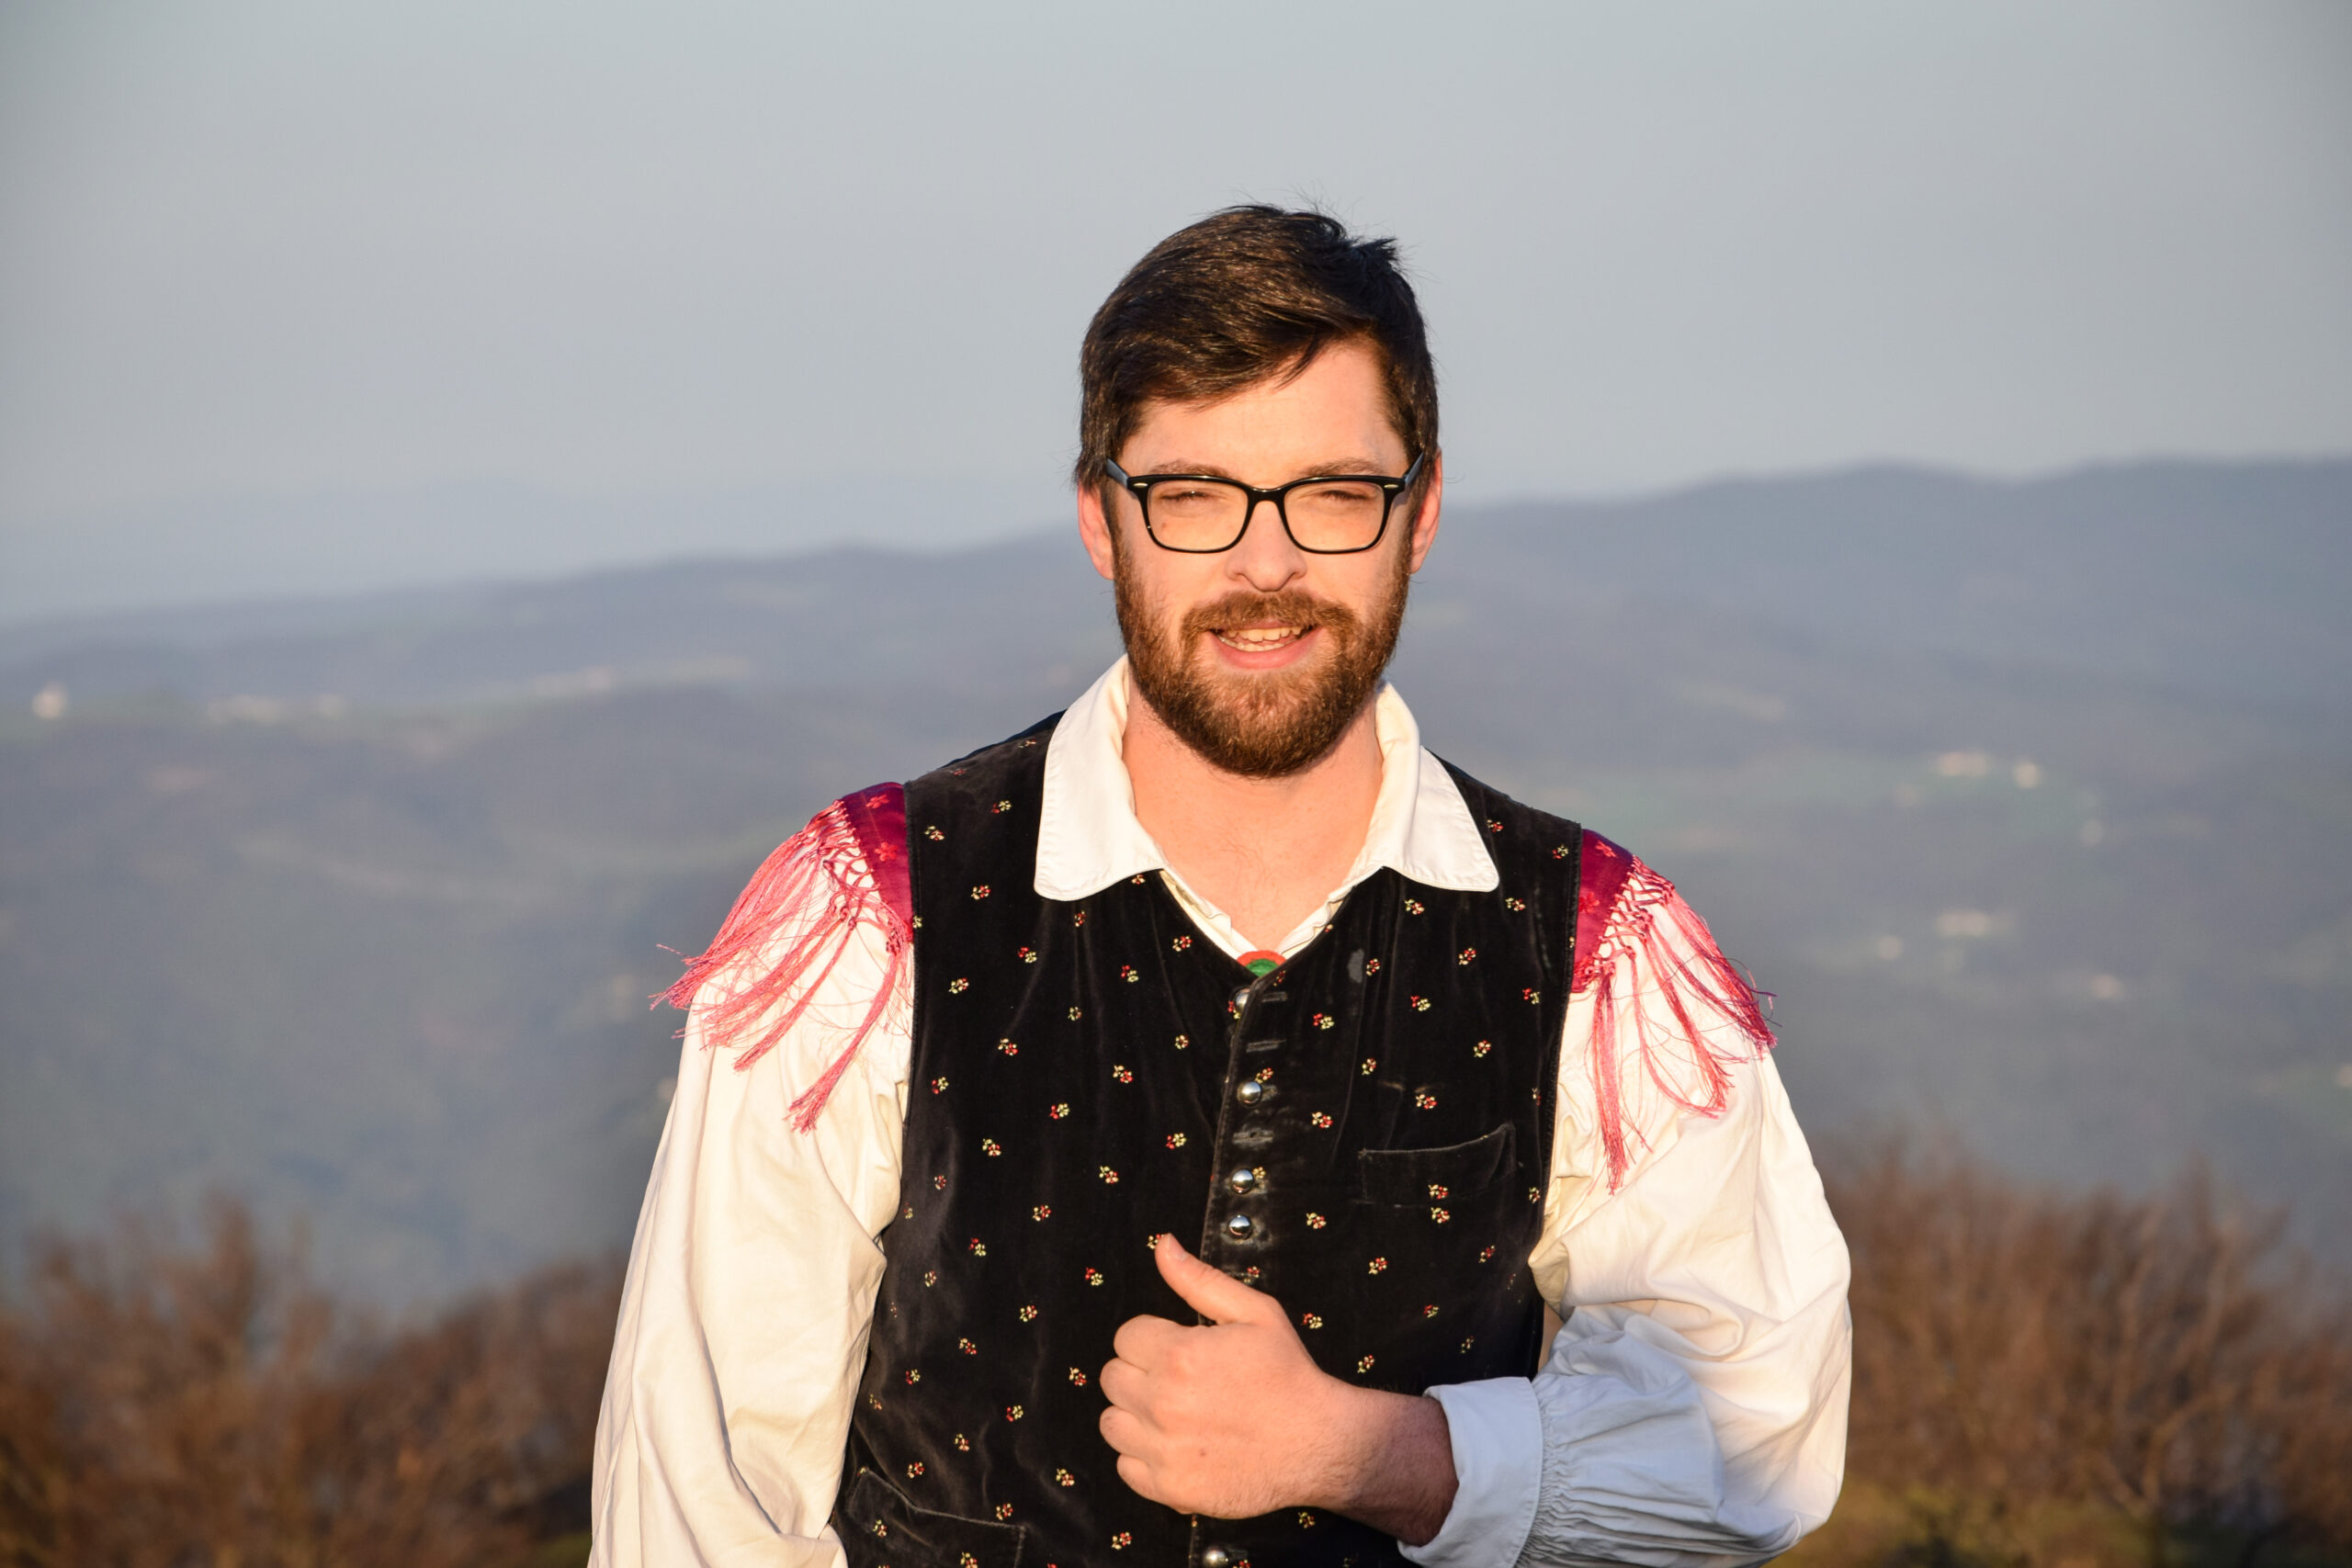 Ansambel Nemir na snemanju videospota Slovenska pesem